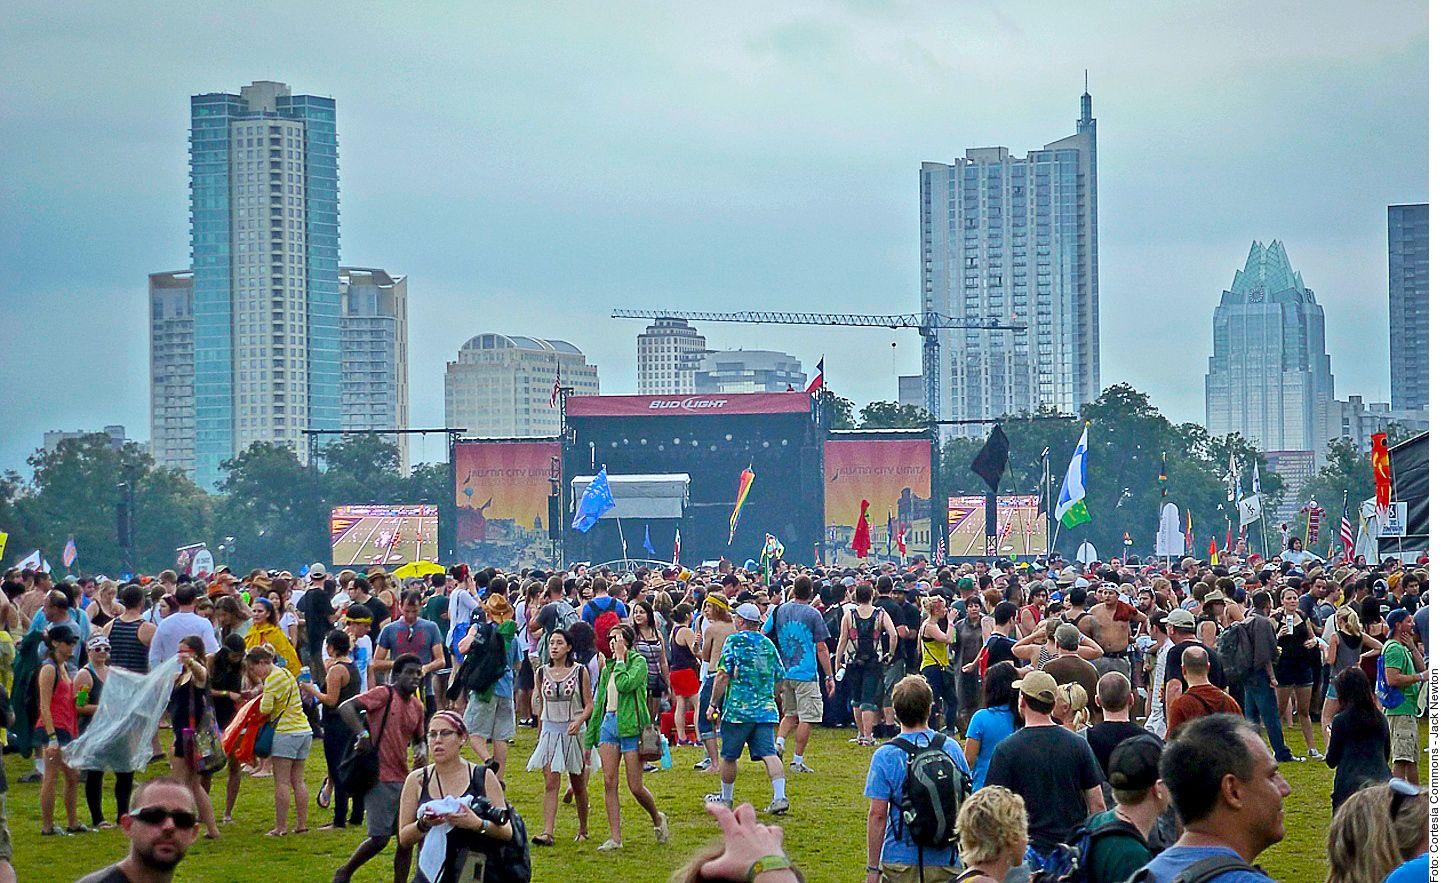 Para aquellos que no viven sin música, la opción es conocer el espíritu vibrante de Austin, Texas, donde se llevan a cabo distintos eventos, entre ellos el Austin City Limits. (AGENCIA REFORMA)